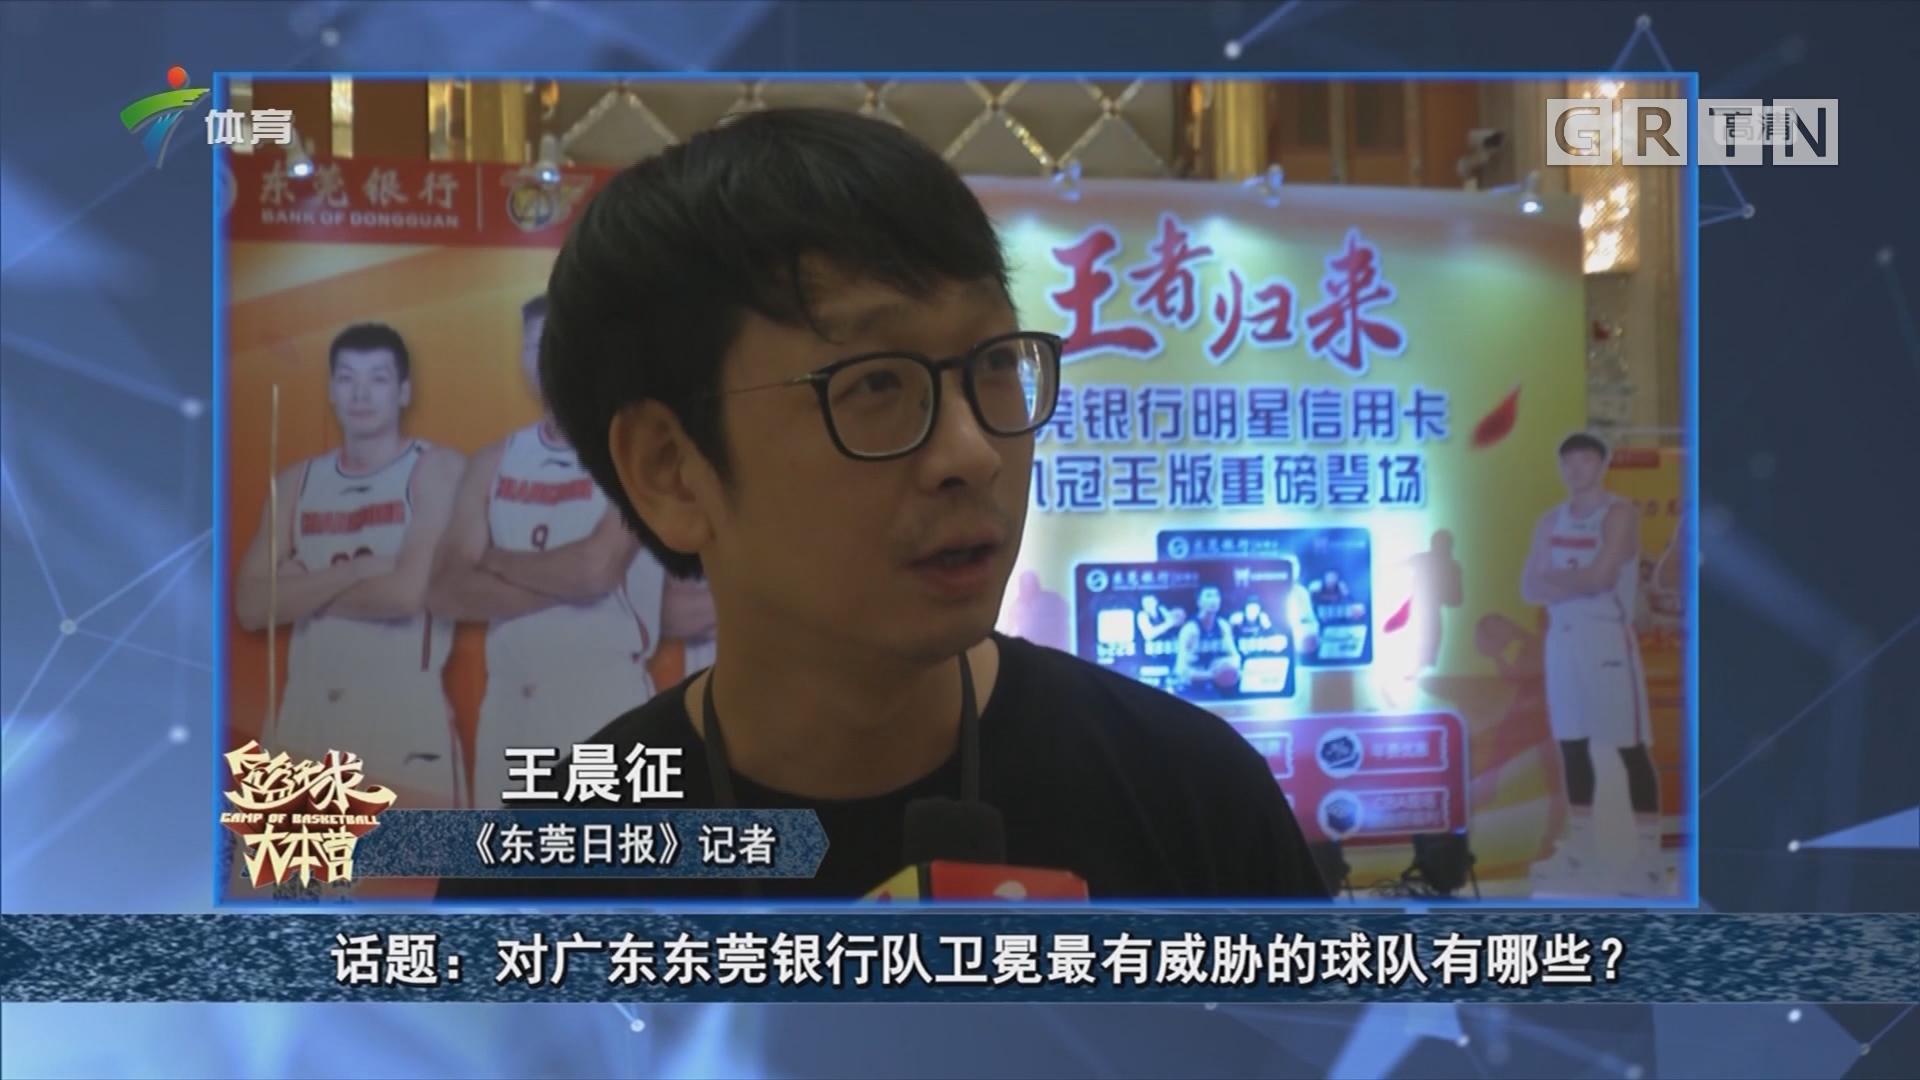 话题:对广东东莞银行队卫冕最有威胁的球队有哪些?